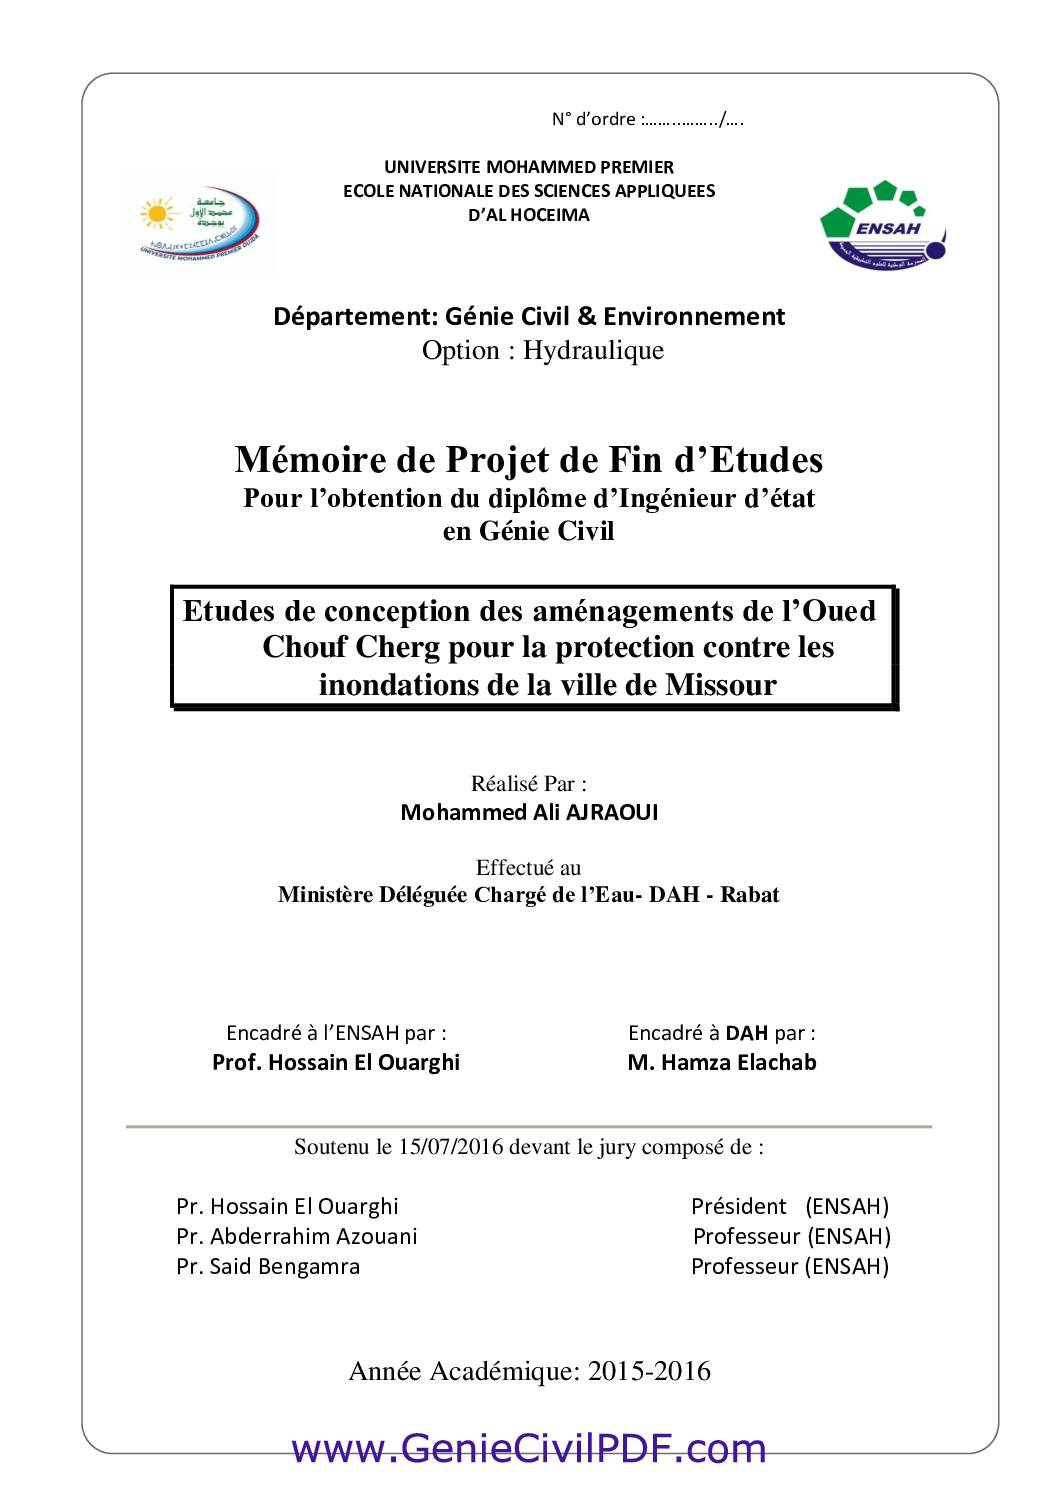 Etudes de conception des aménagements de l'Oued Chouf Cherg pour la protection contre les inondations de la ville de Missour